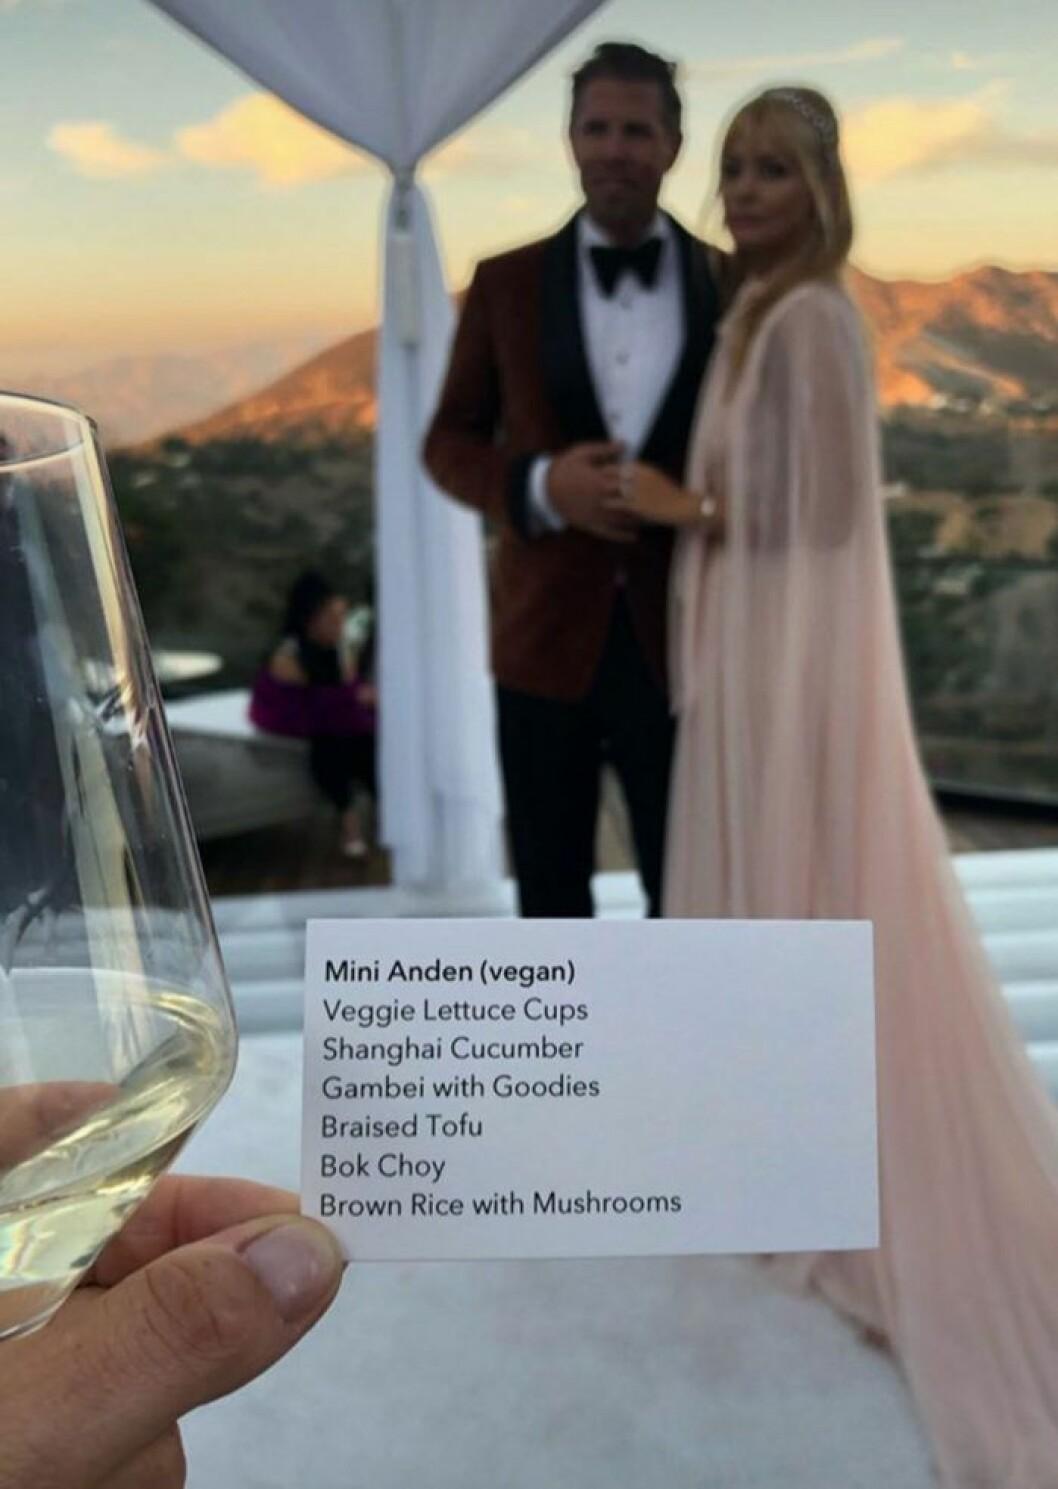 Mini Andén visar upp menyn vid Izabella Scorupcos och Karl Rosengrens bröllopsmiddag.